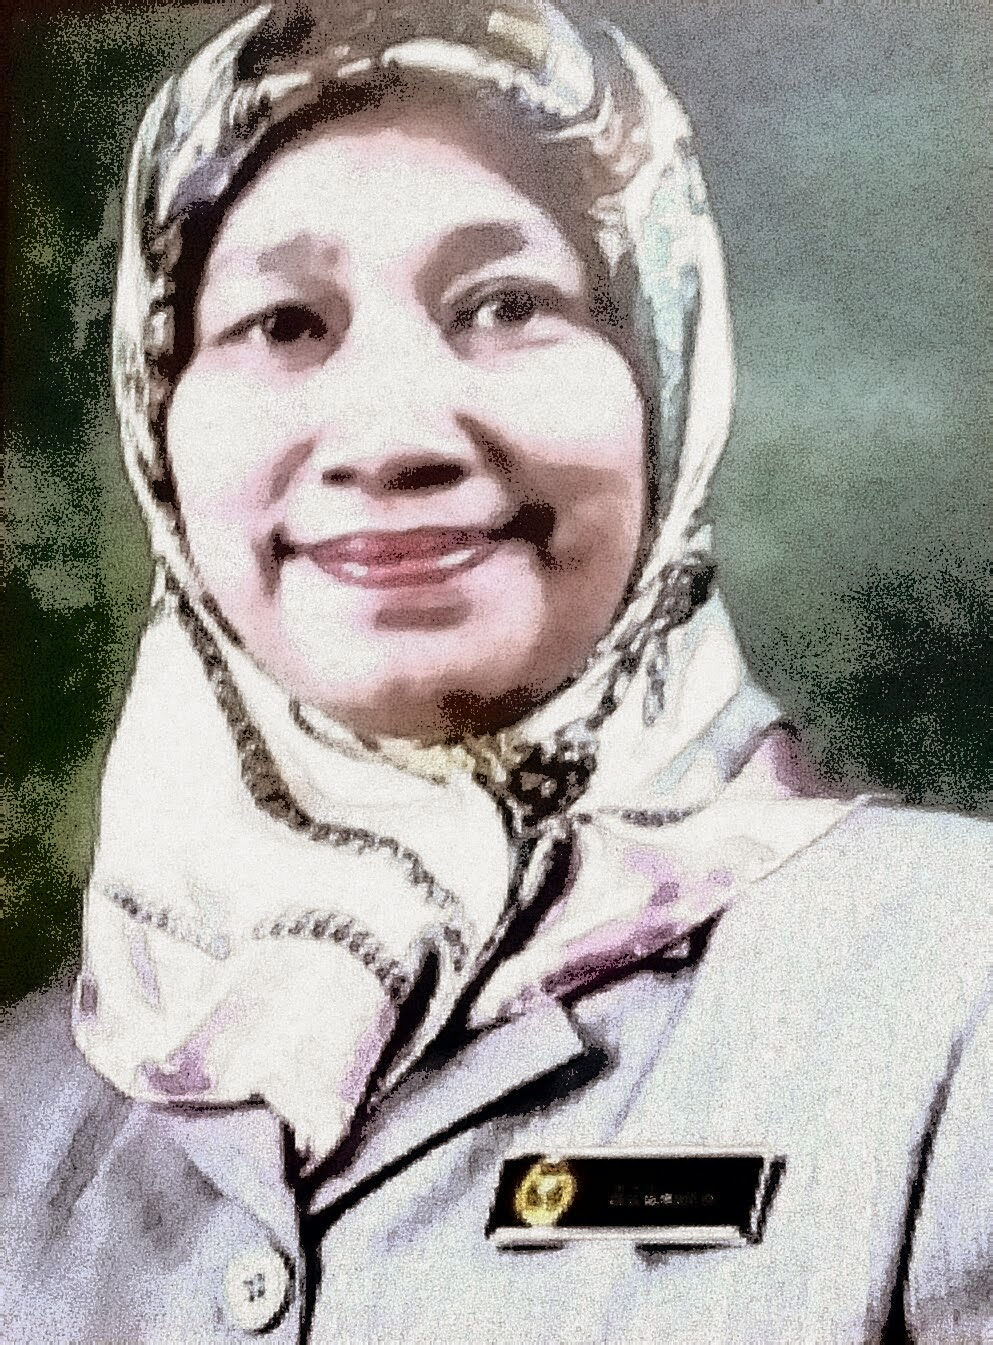 Dato' Rozaina Dato' Radzi